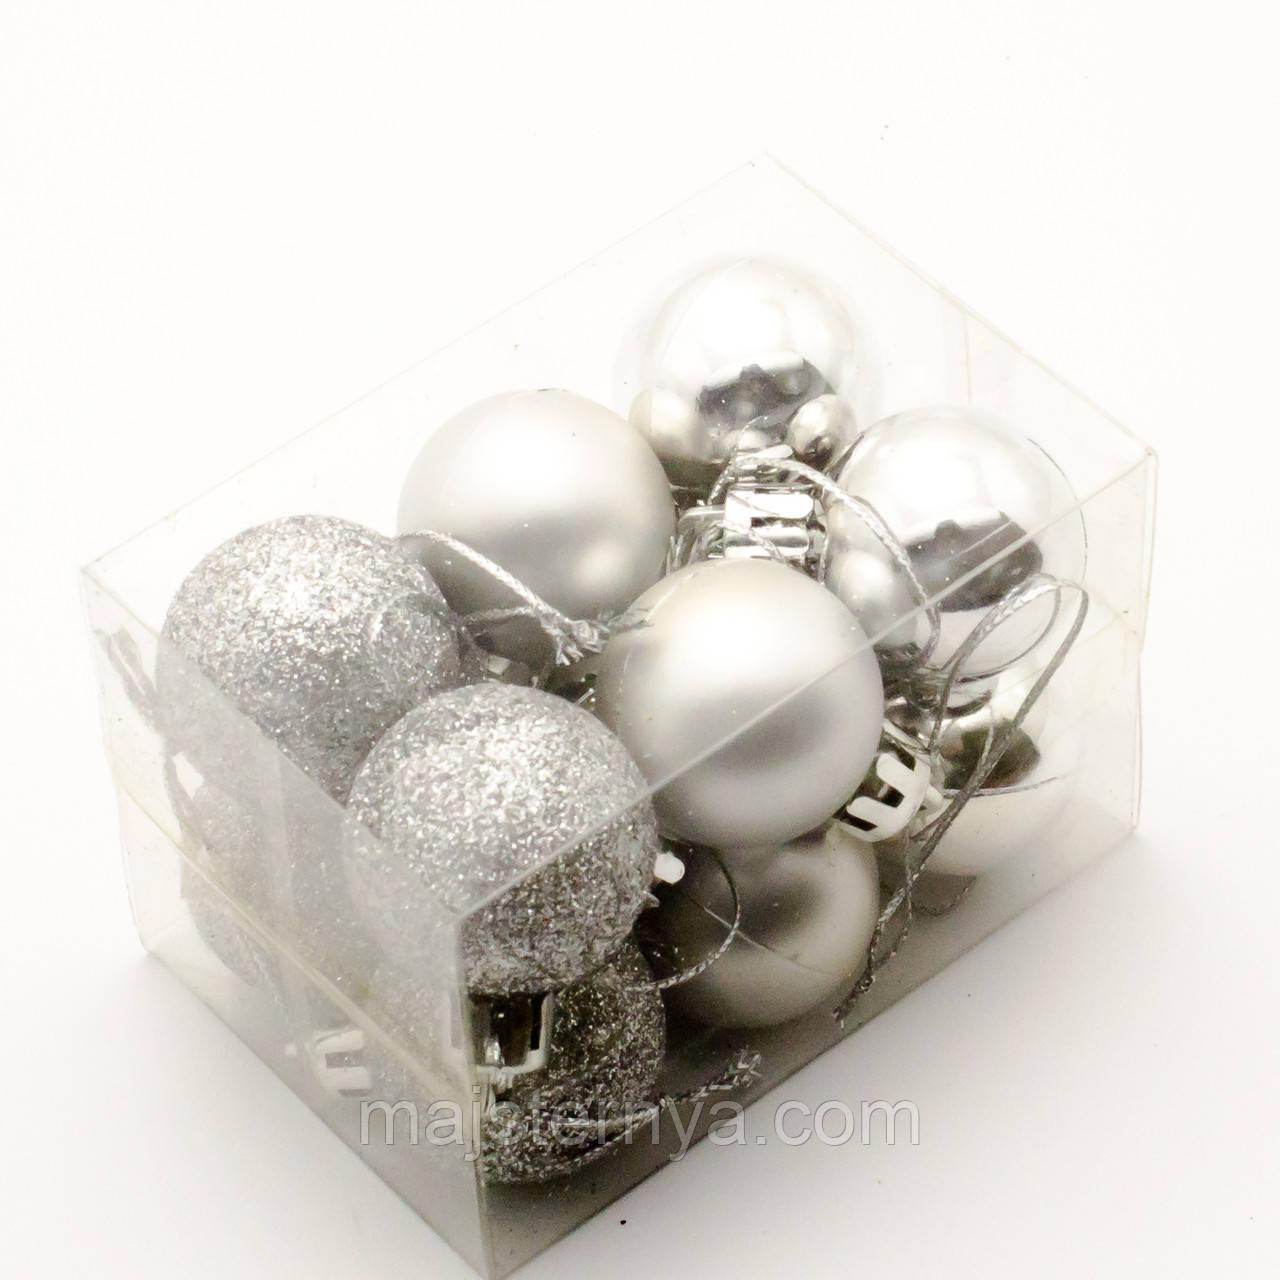 Новорічні іграшки на ялинку - кулі 5см (12шт в упаковці) срібного кольору